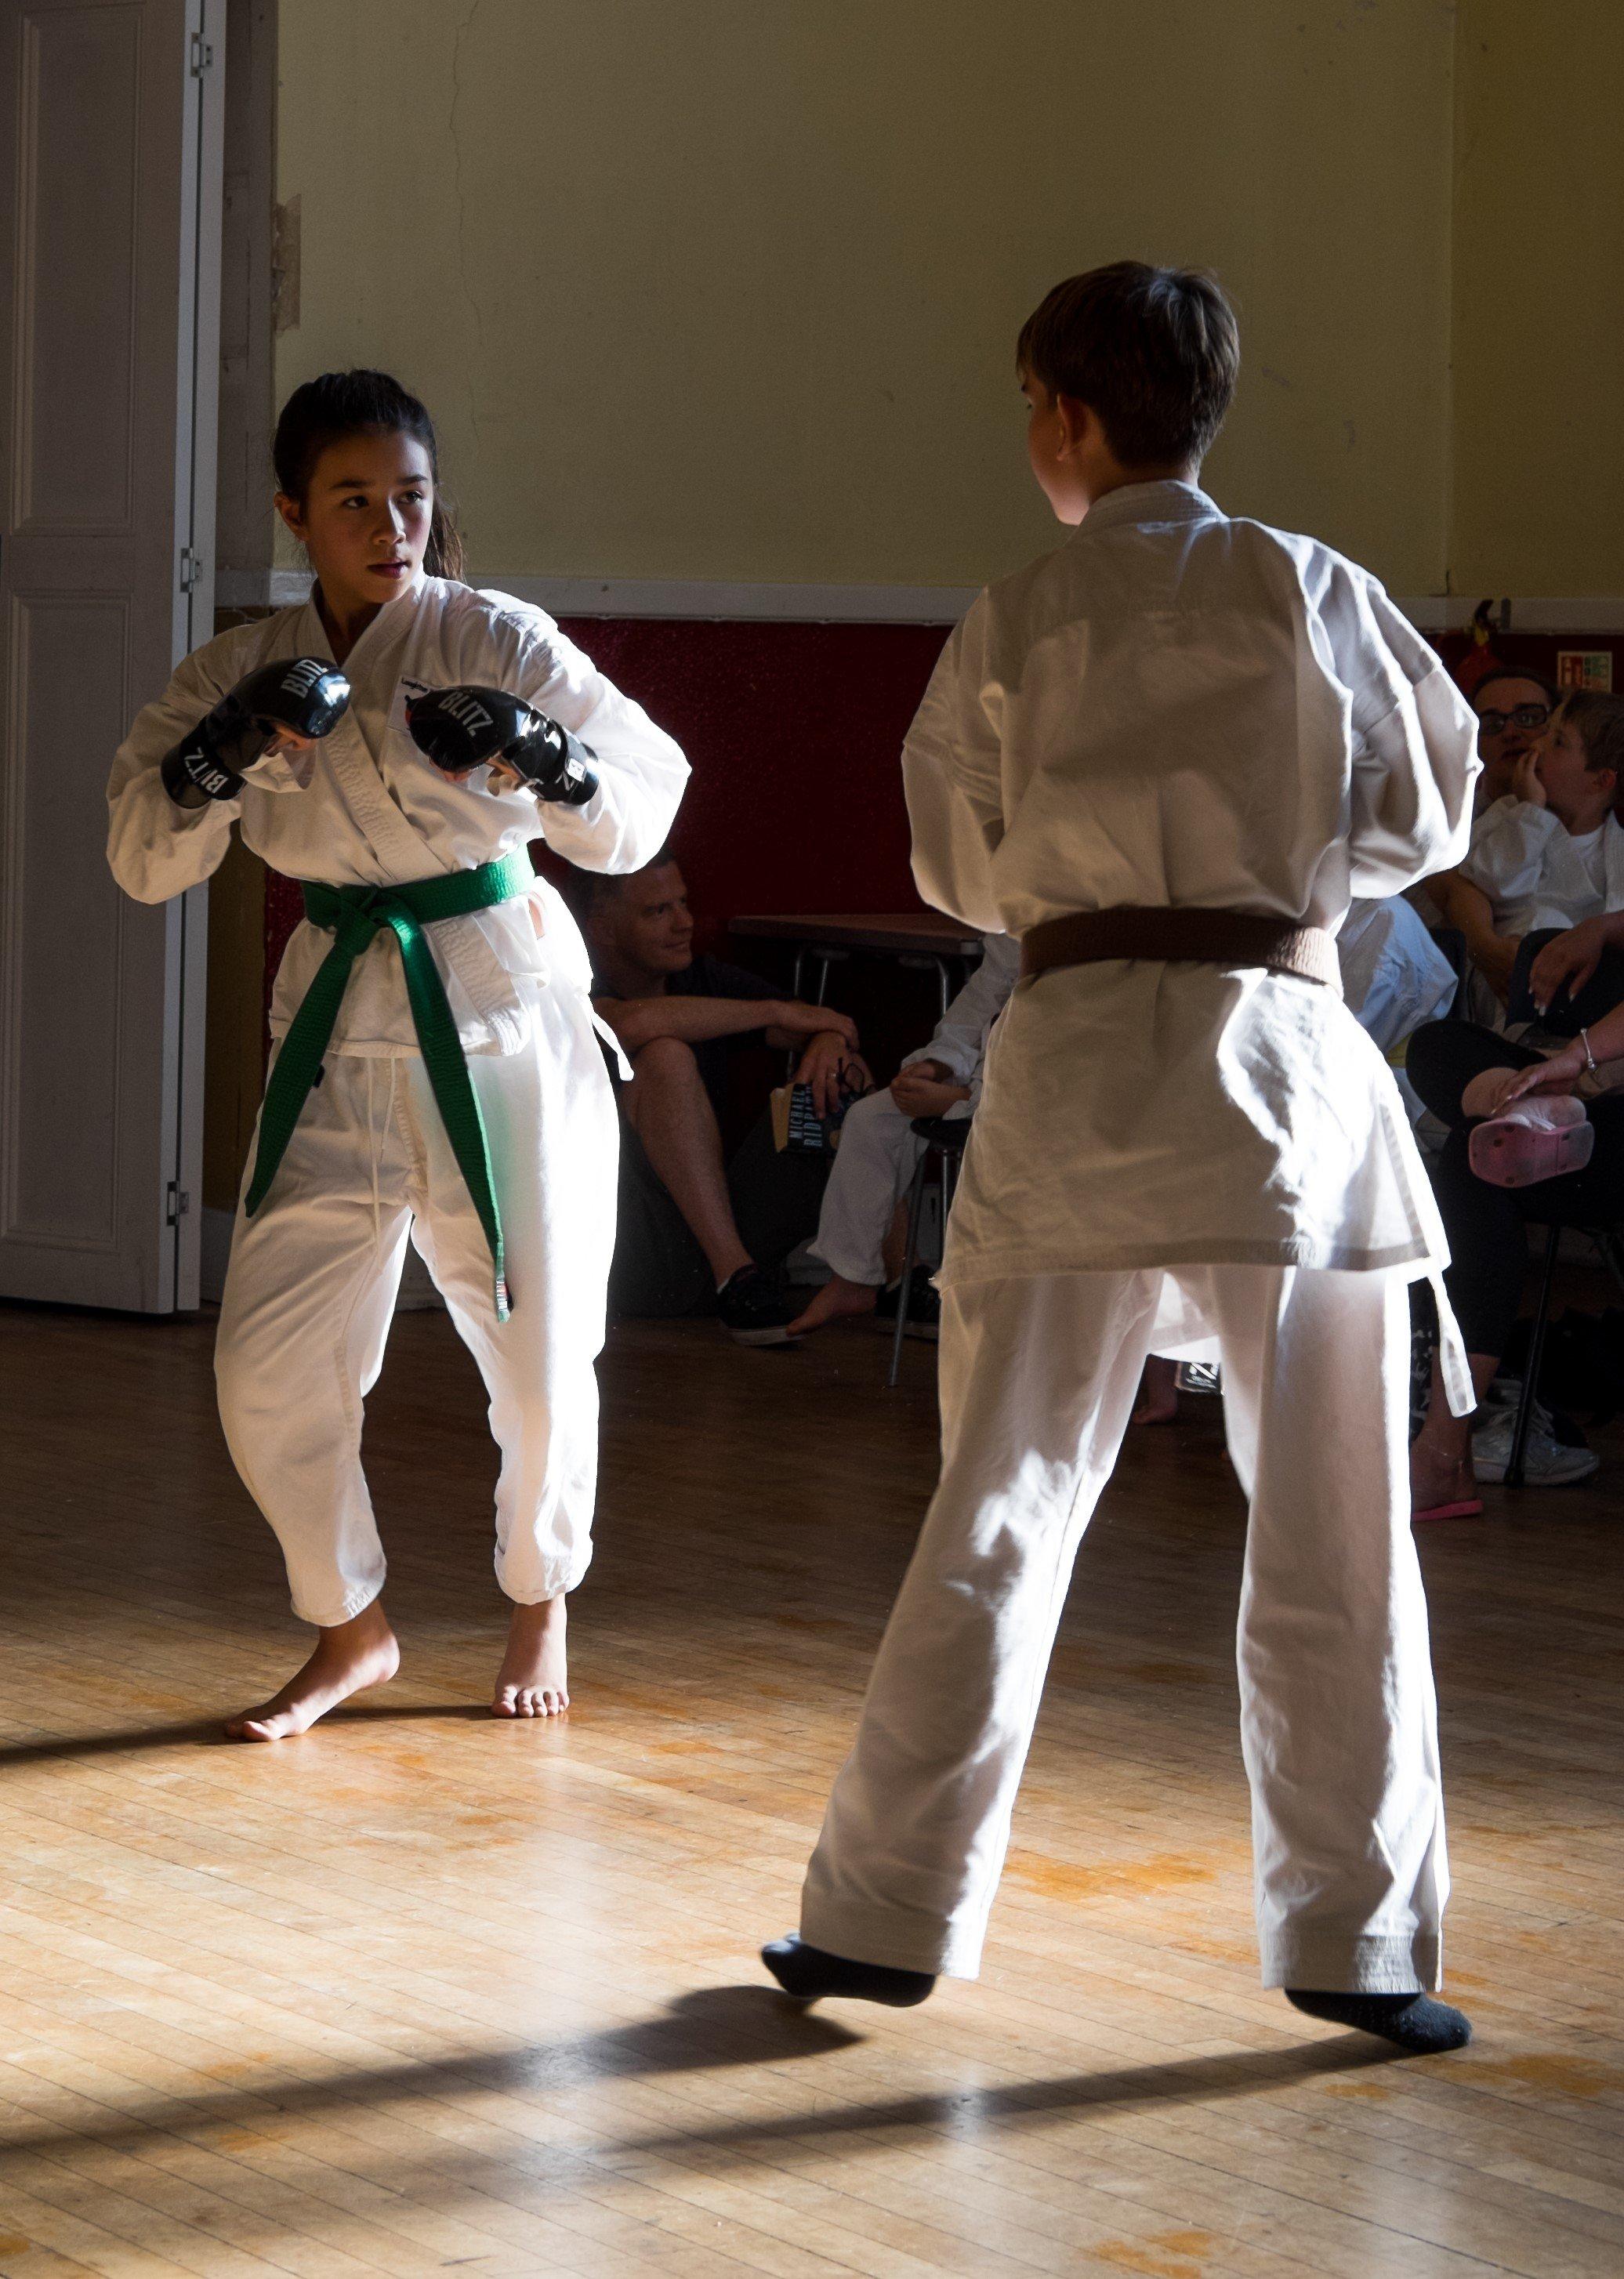 loughton karate classes